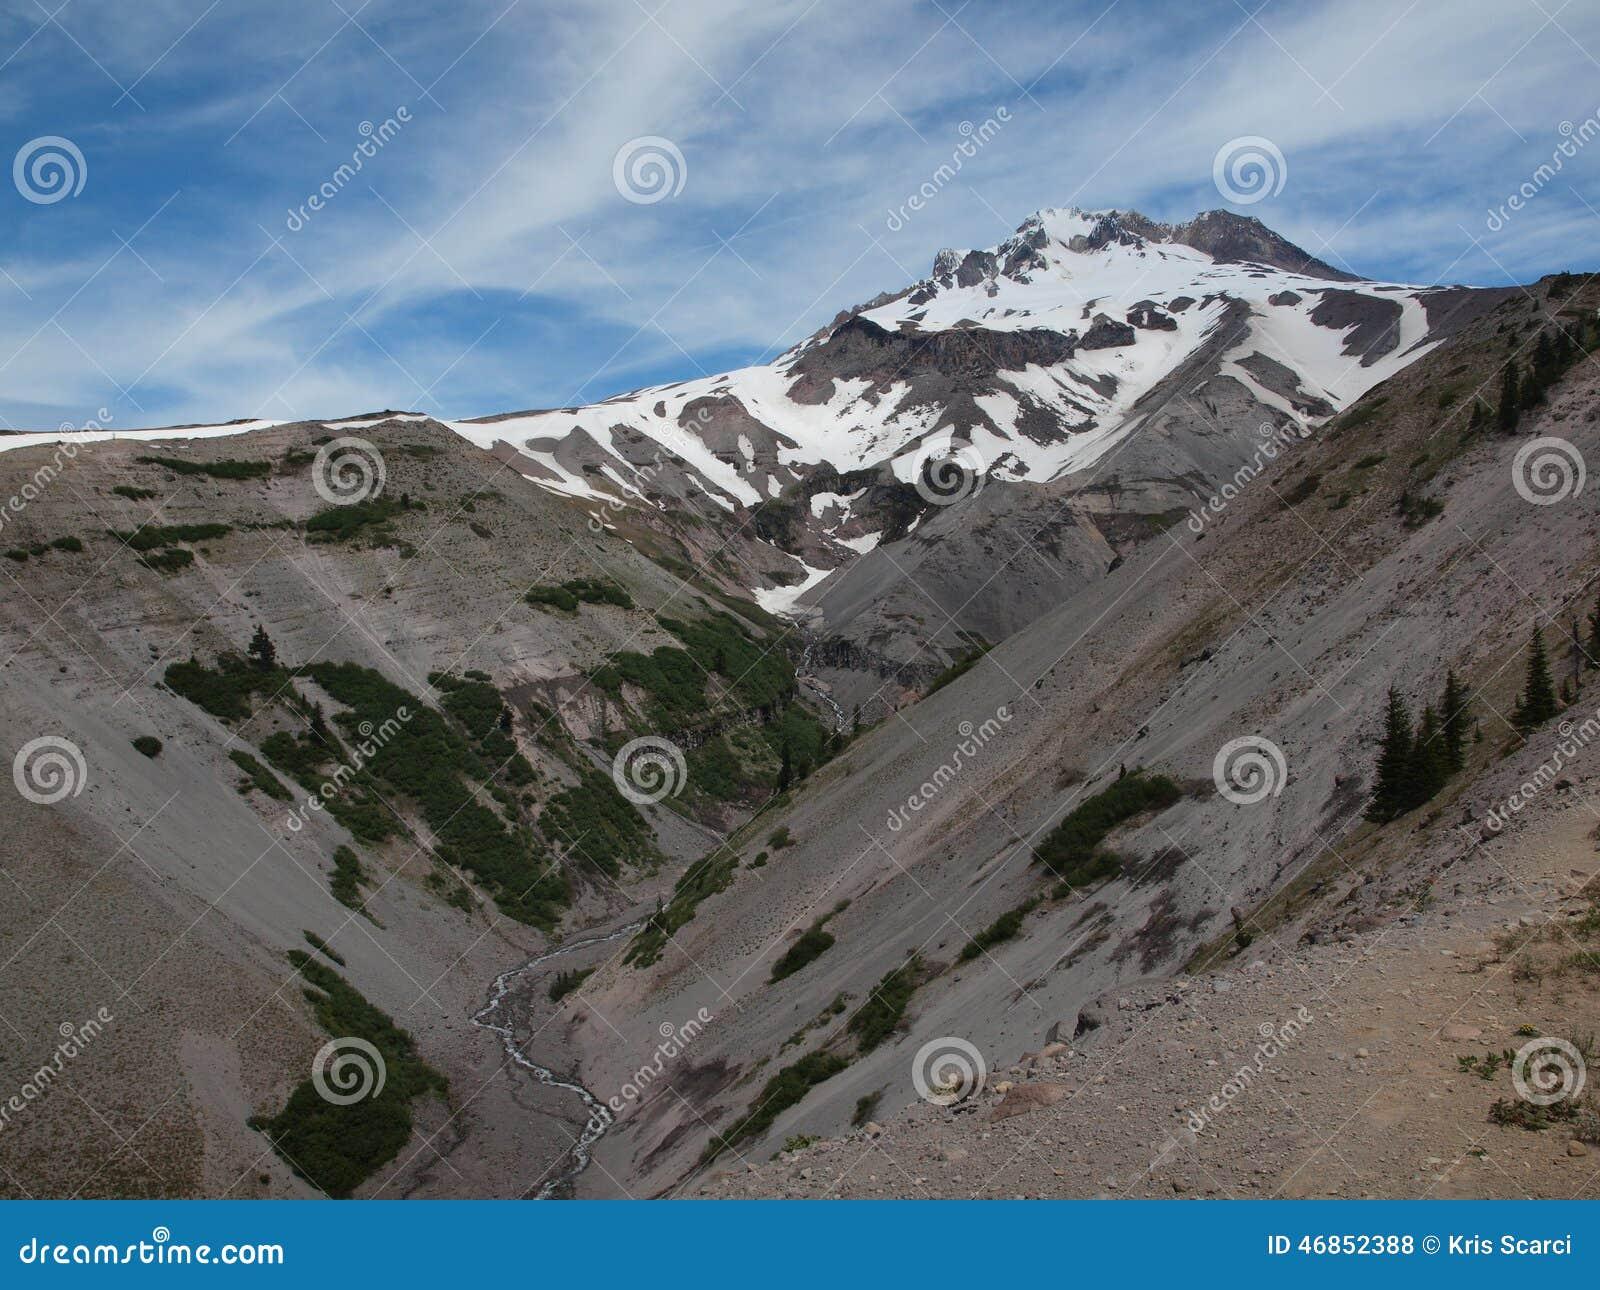 Mt cappuccio